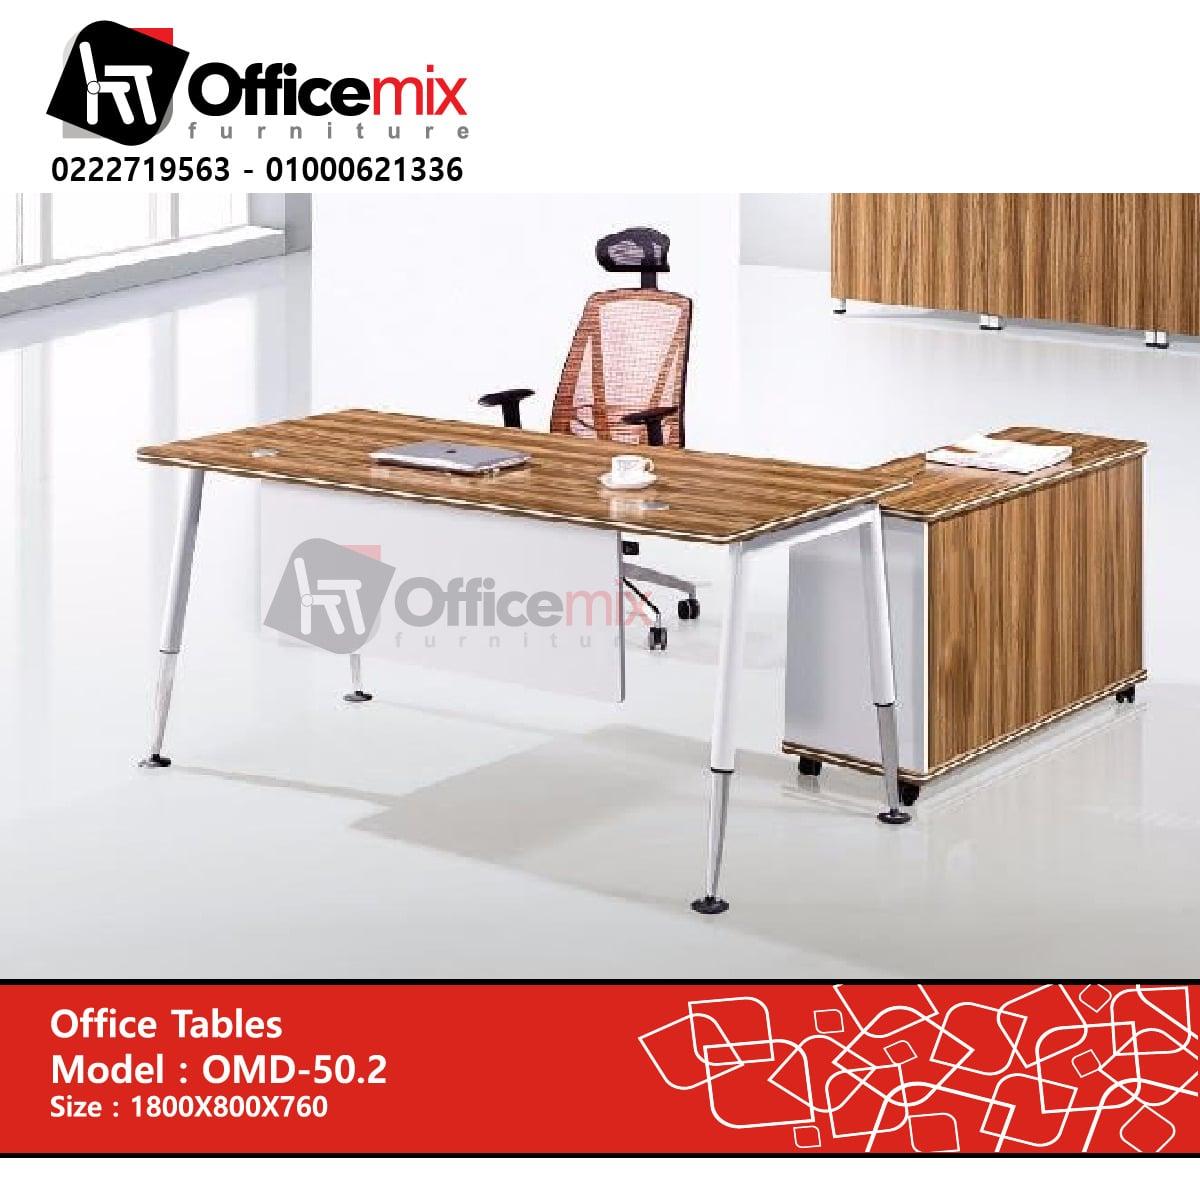 office mix Manager Desk OMD-50.1